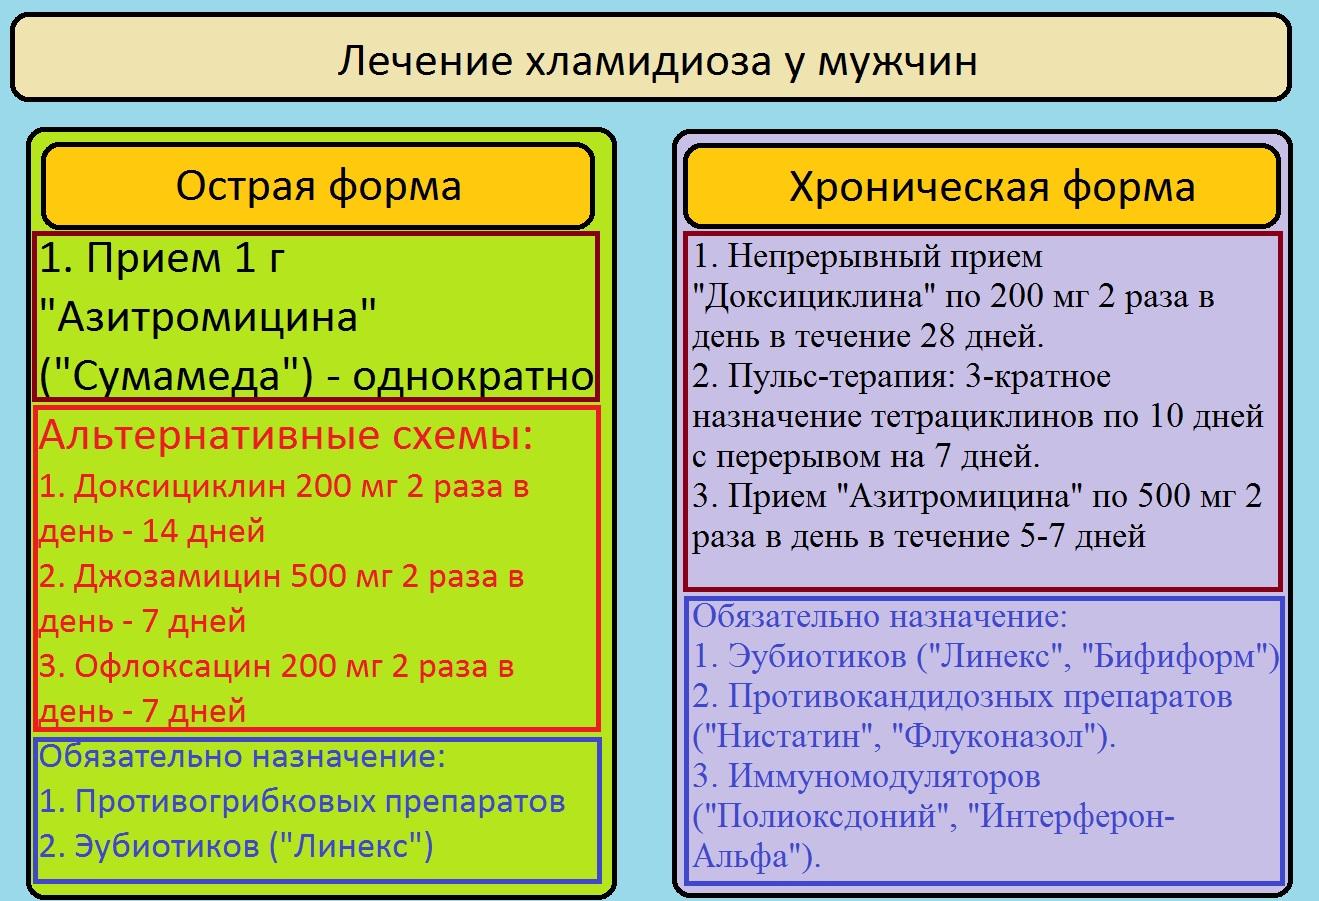 Доксициклин при хламидиозе схема лечения фото 469